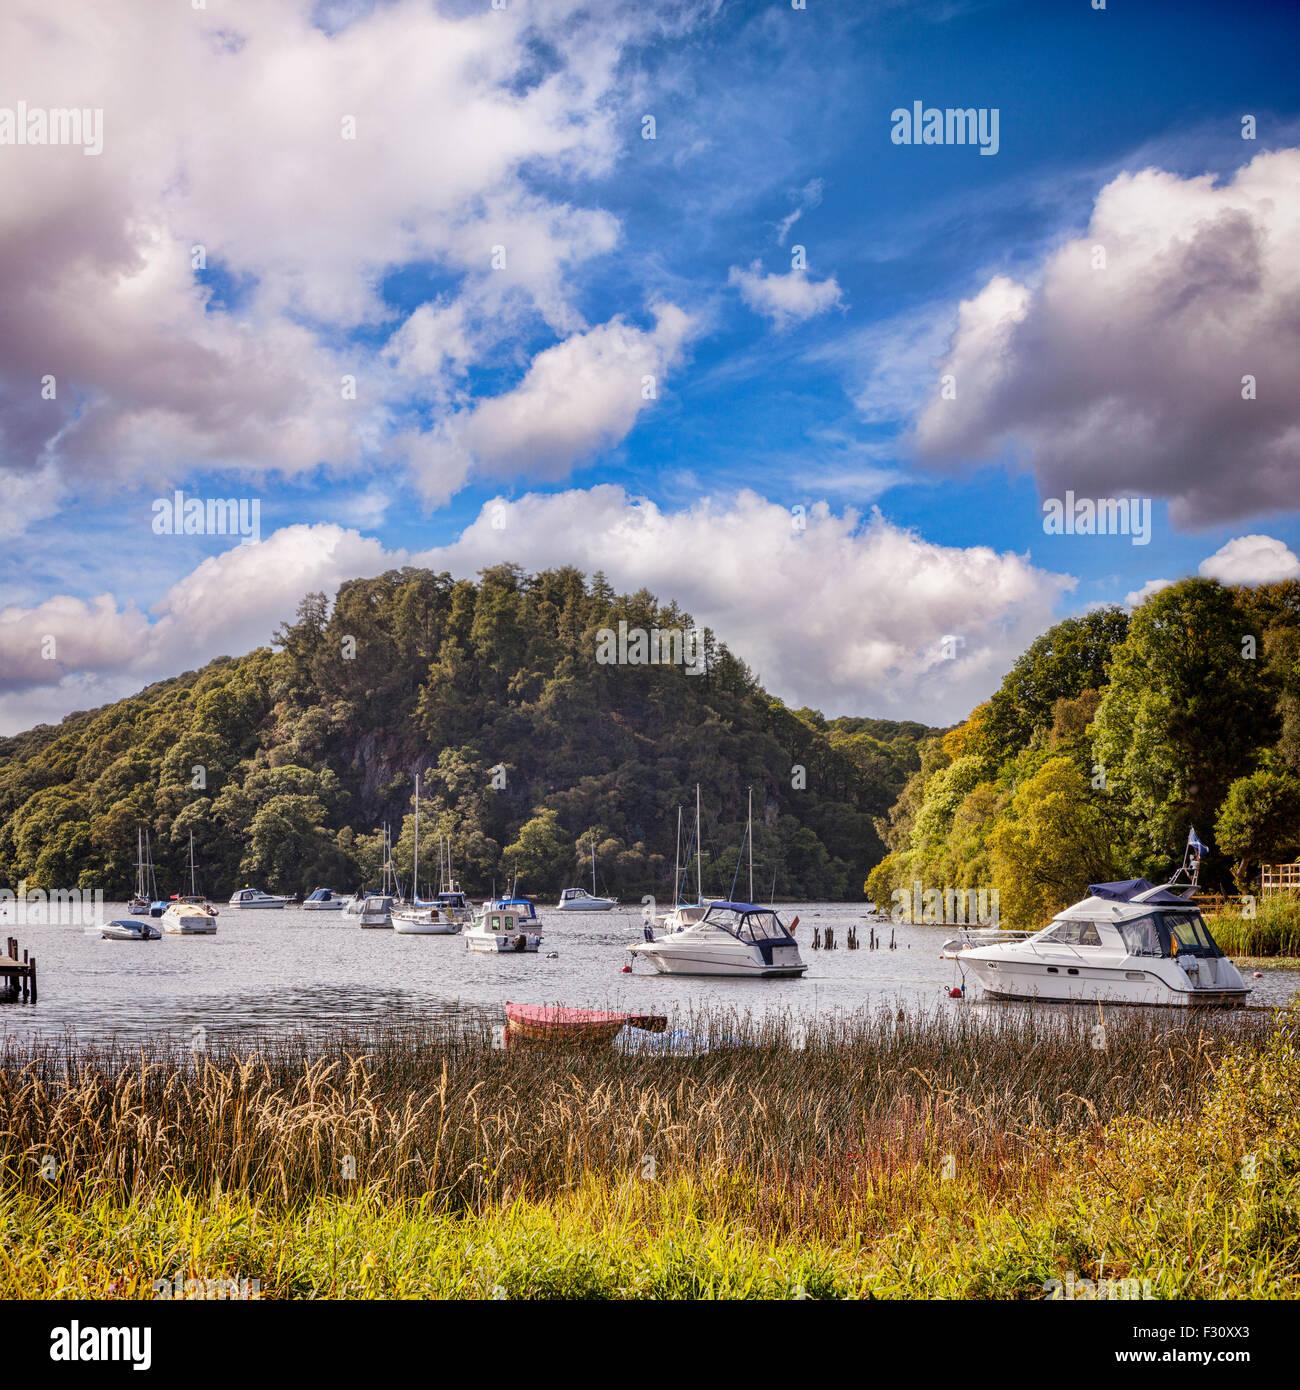 Porto di Balmaha, Loch Lomond, Stirlingshire, Scotland, Regno Unito. Immagini Stock